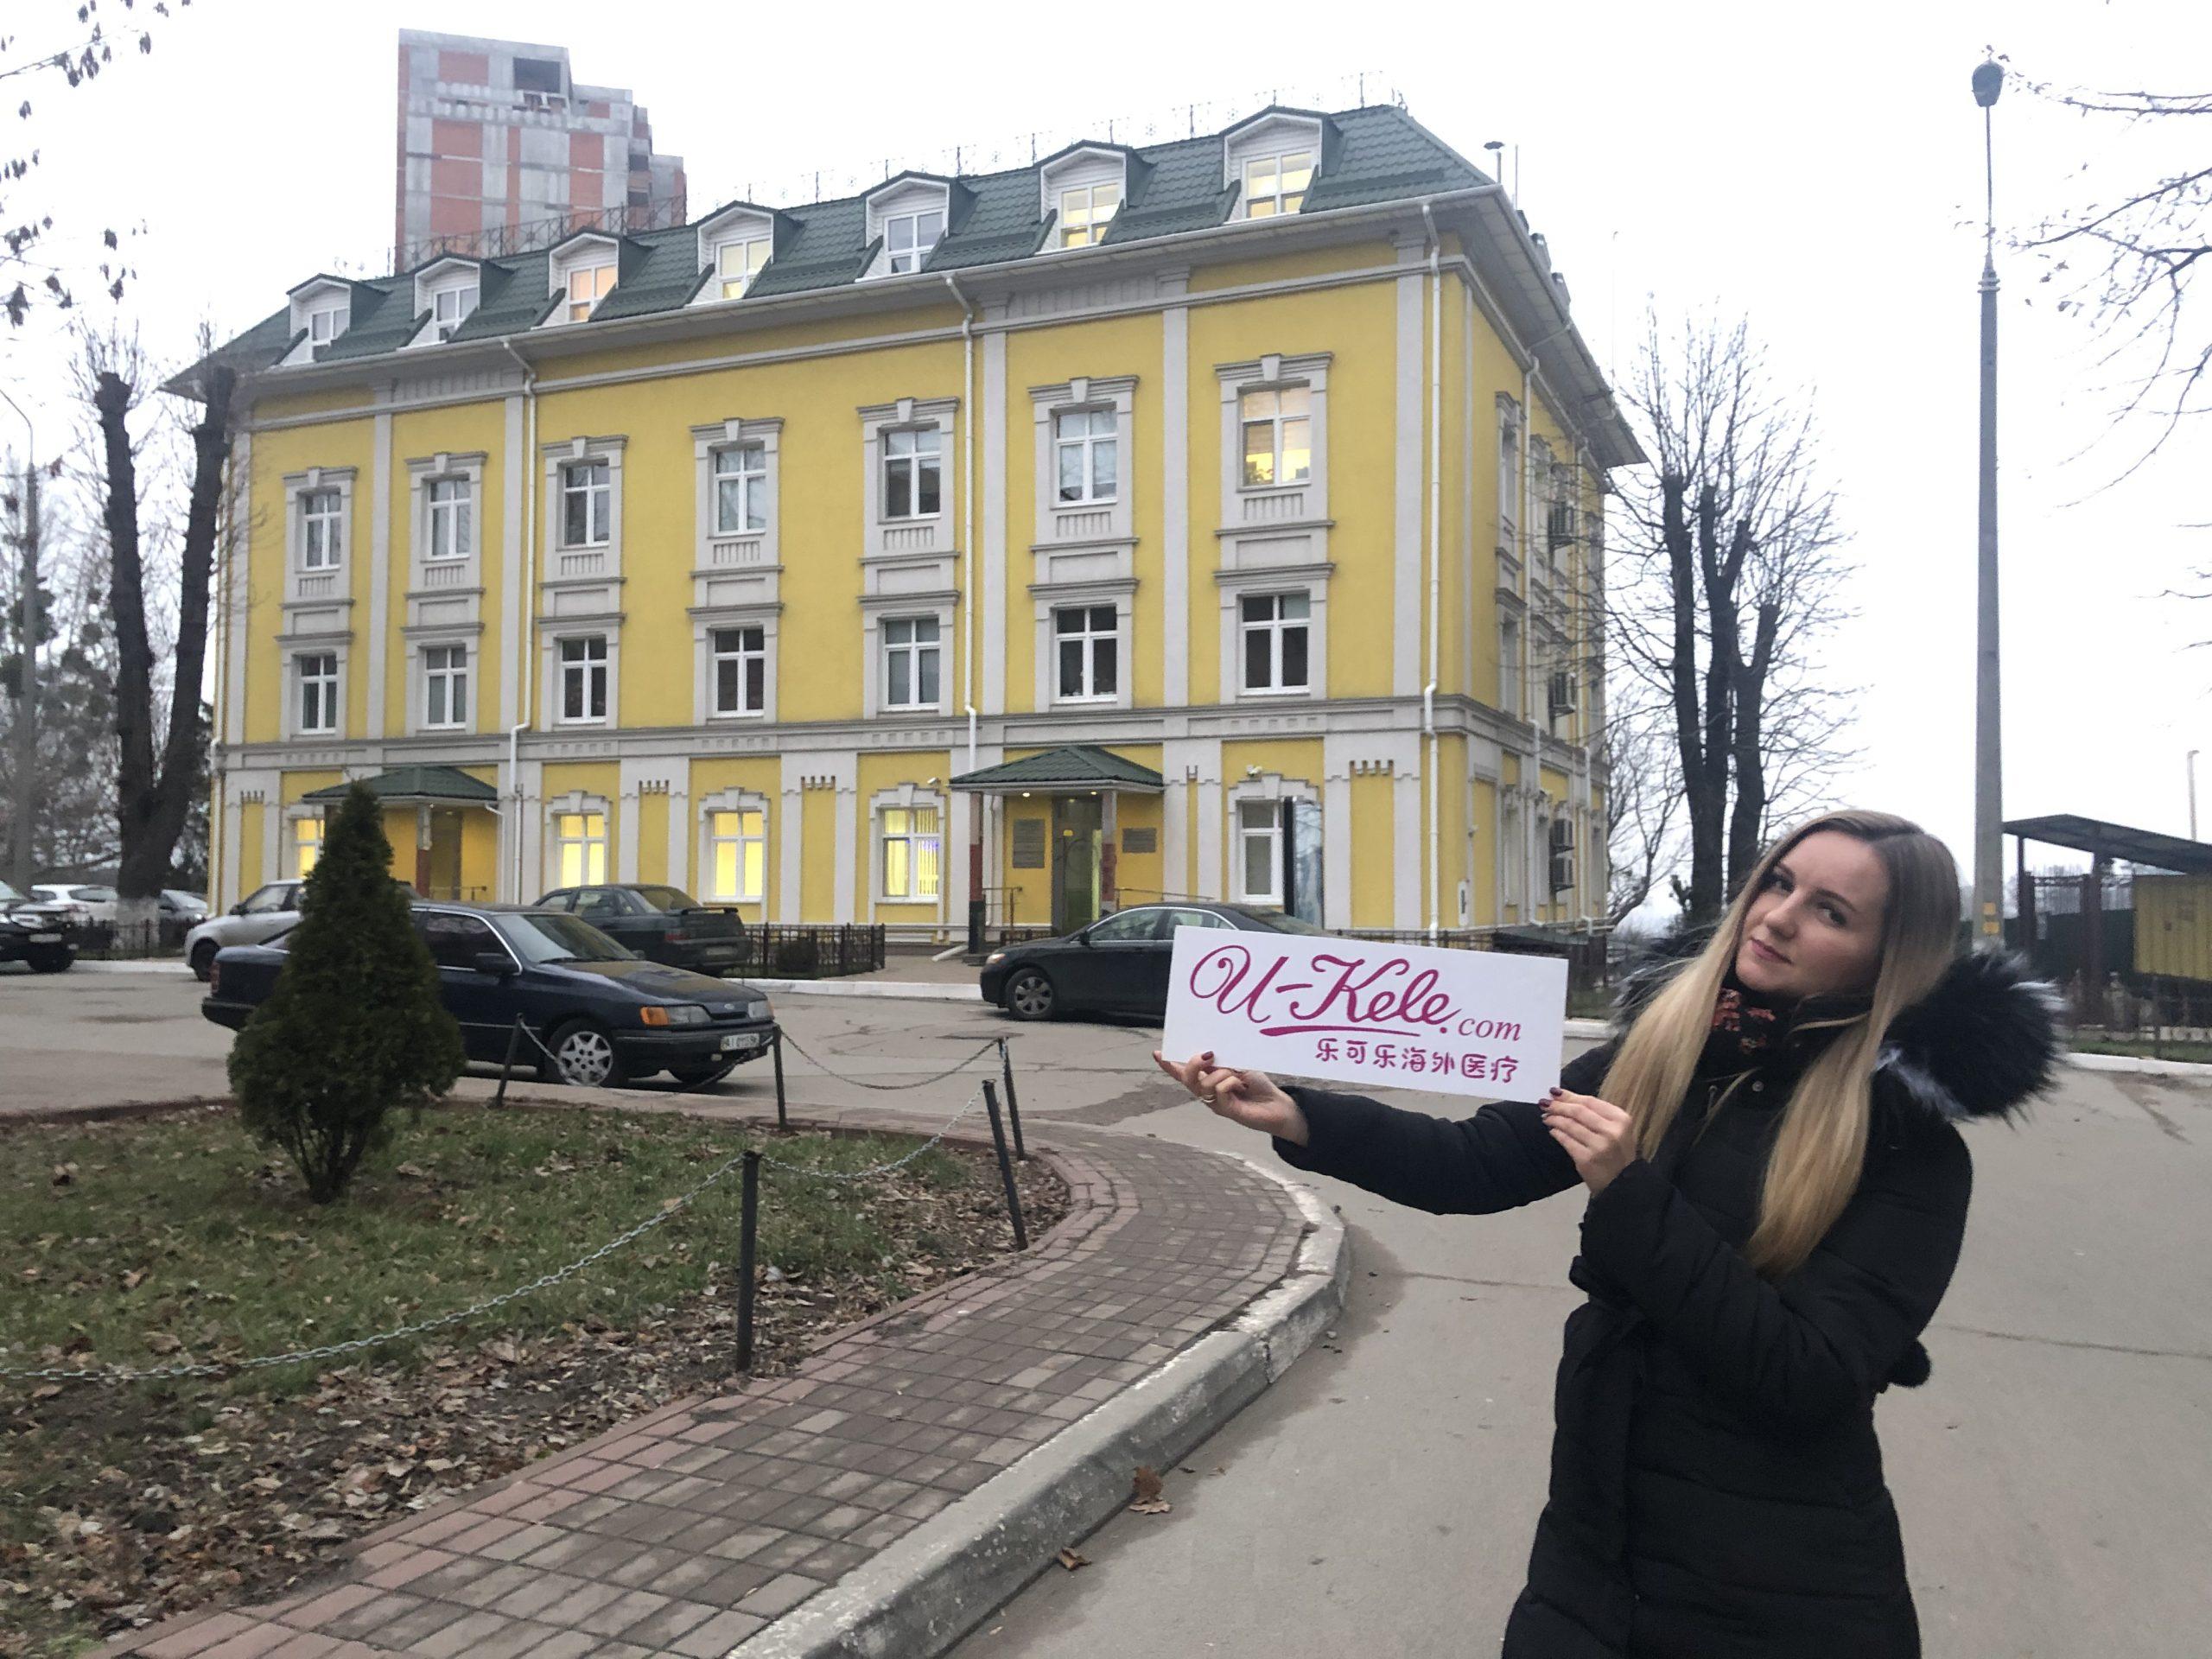 乌克兰试管婴儿医院 3